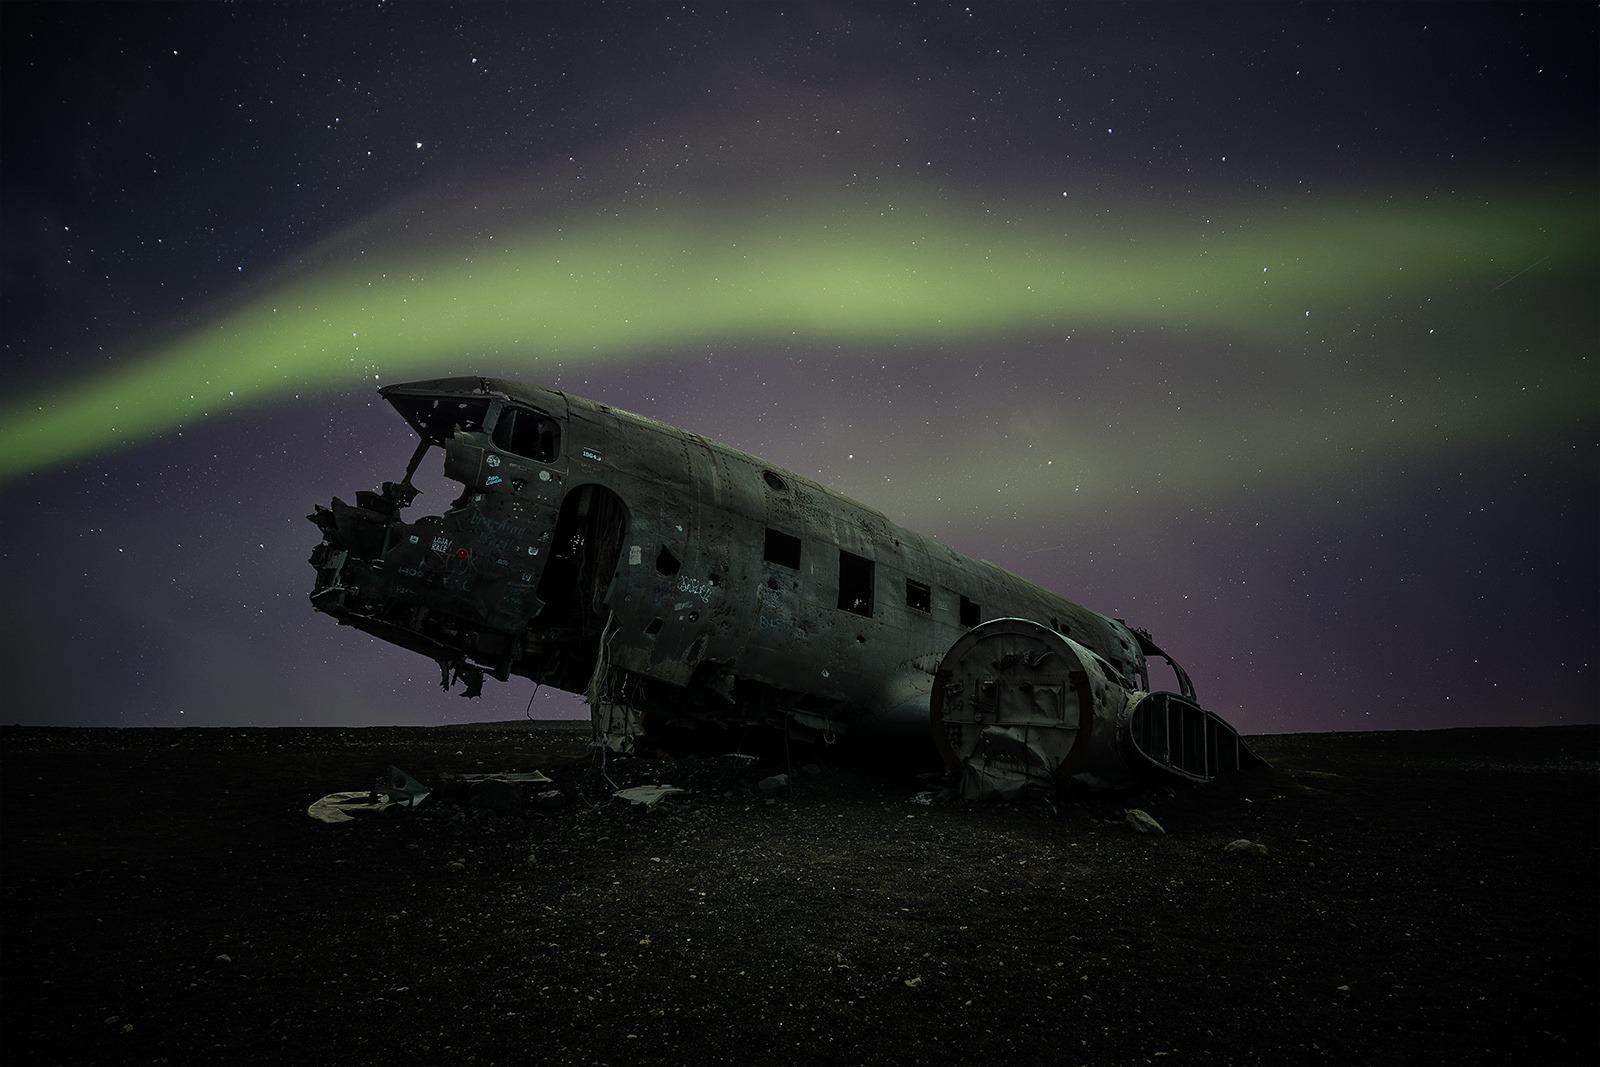 Aurore boréale au dessus d'un carcasse d'avion, Islande